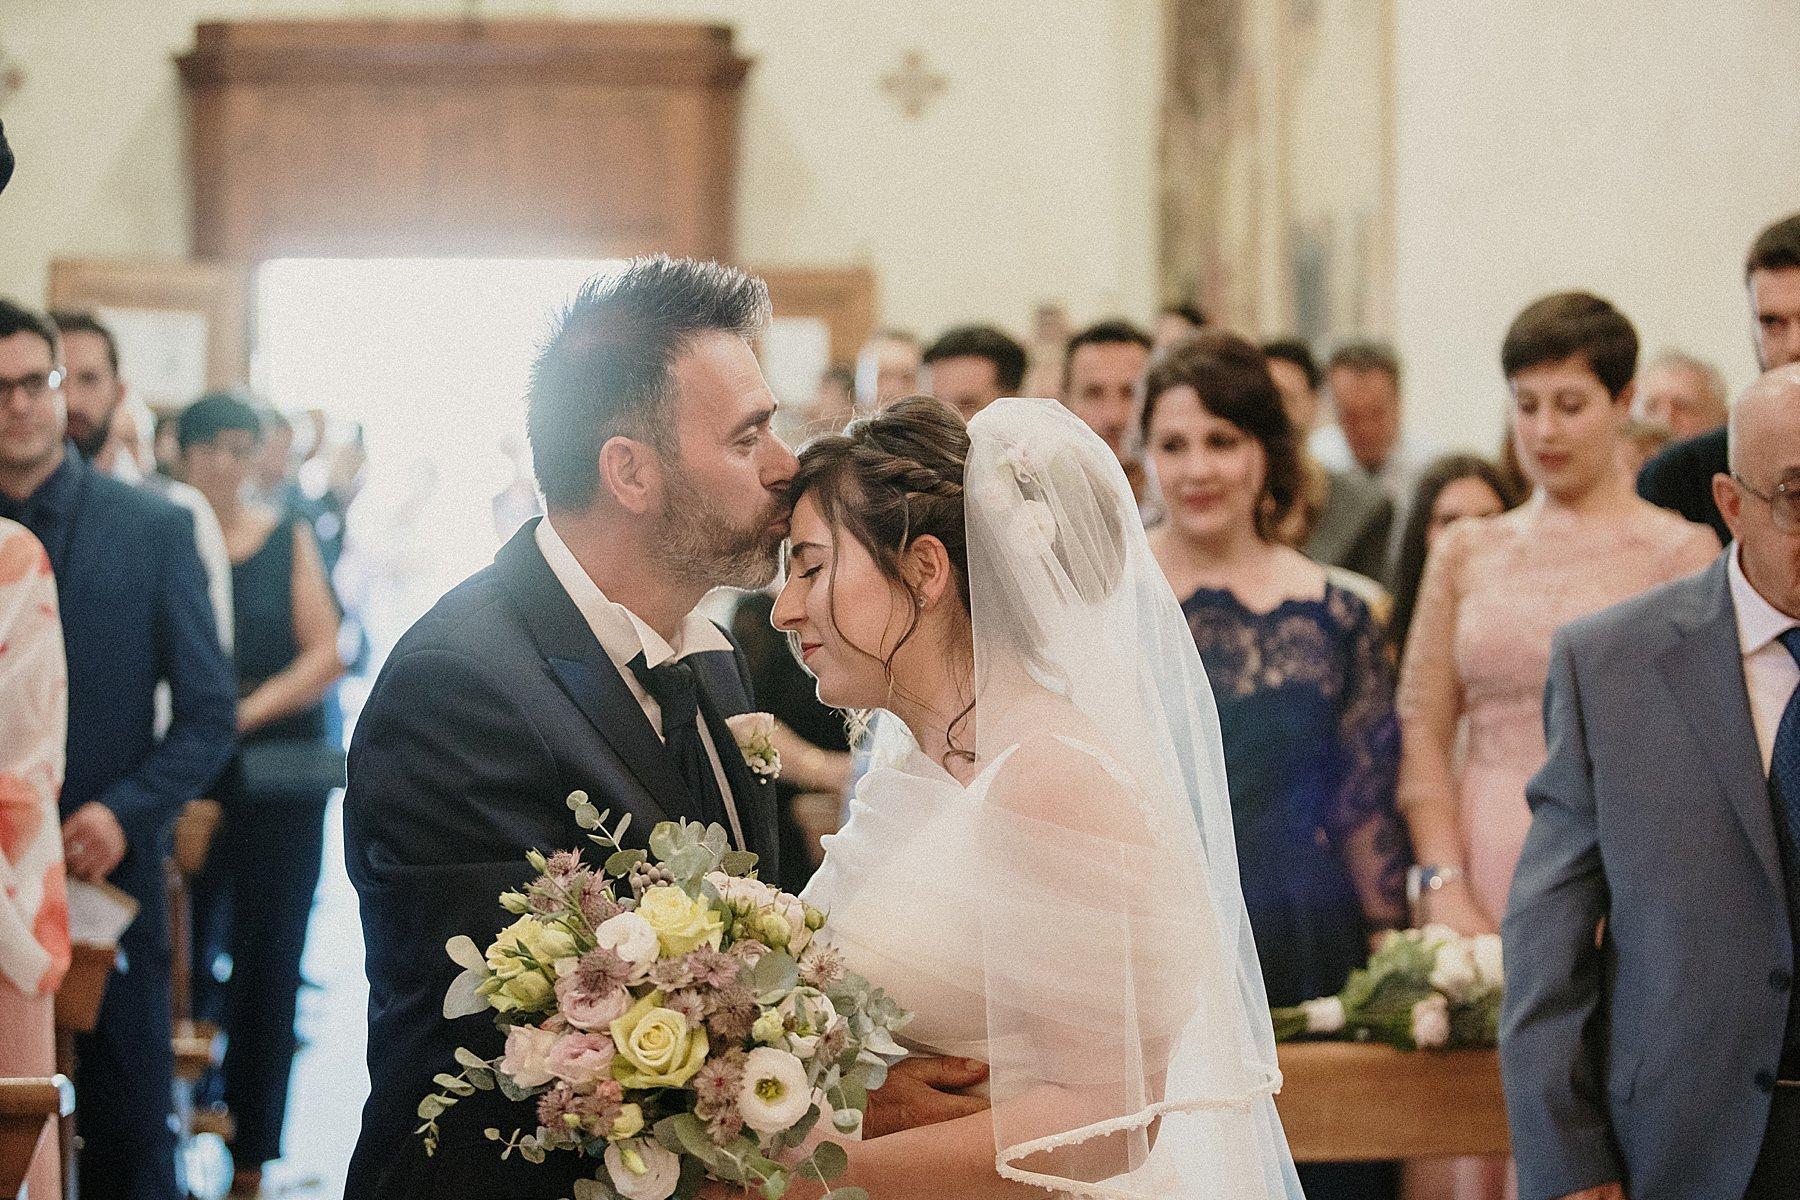 matrimonio tenuta bichi borghesi monteriggioni 3029